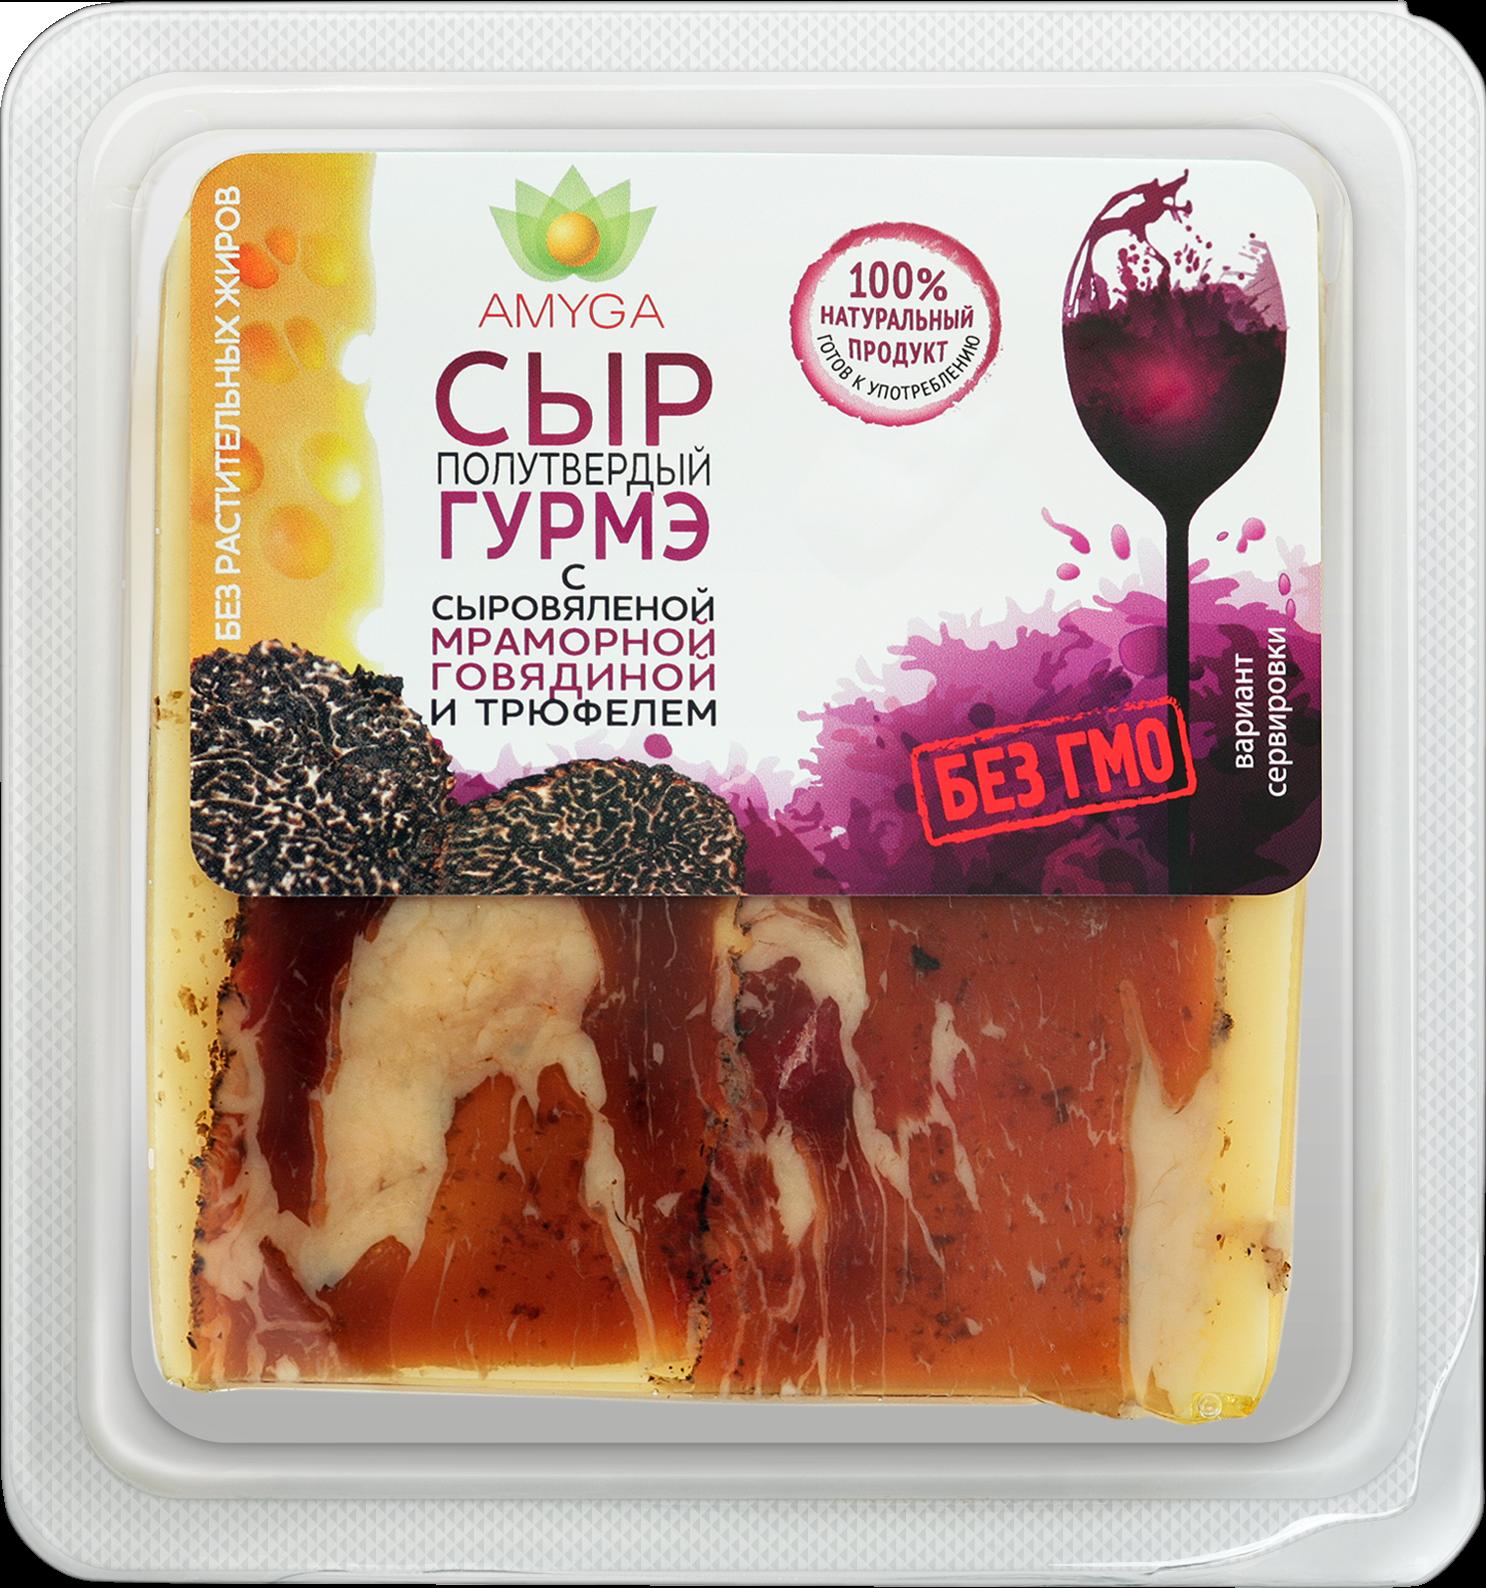 Сыр полутвердый «ГУРМЭ» с сыровяленой мраморной говядиной и трюфелем50г